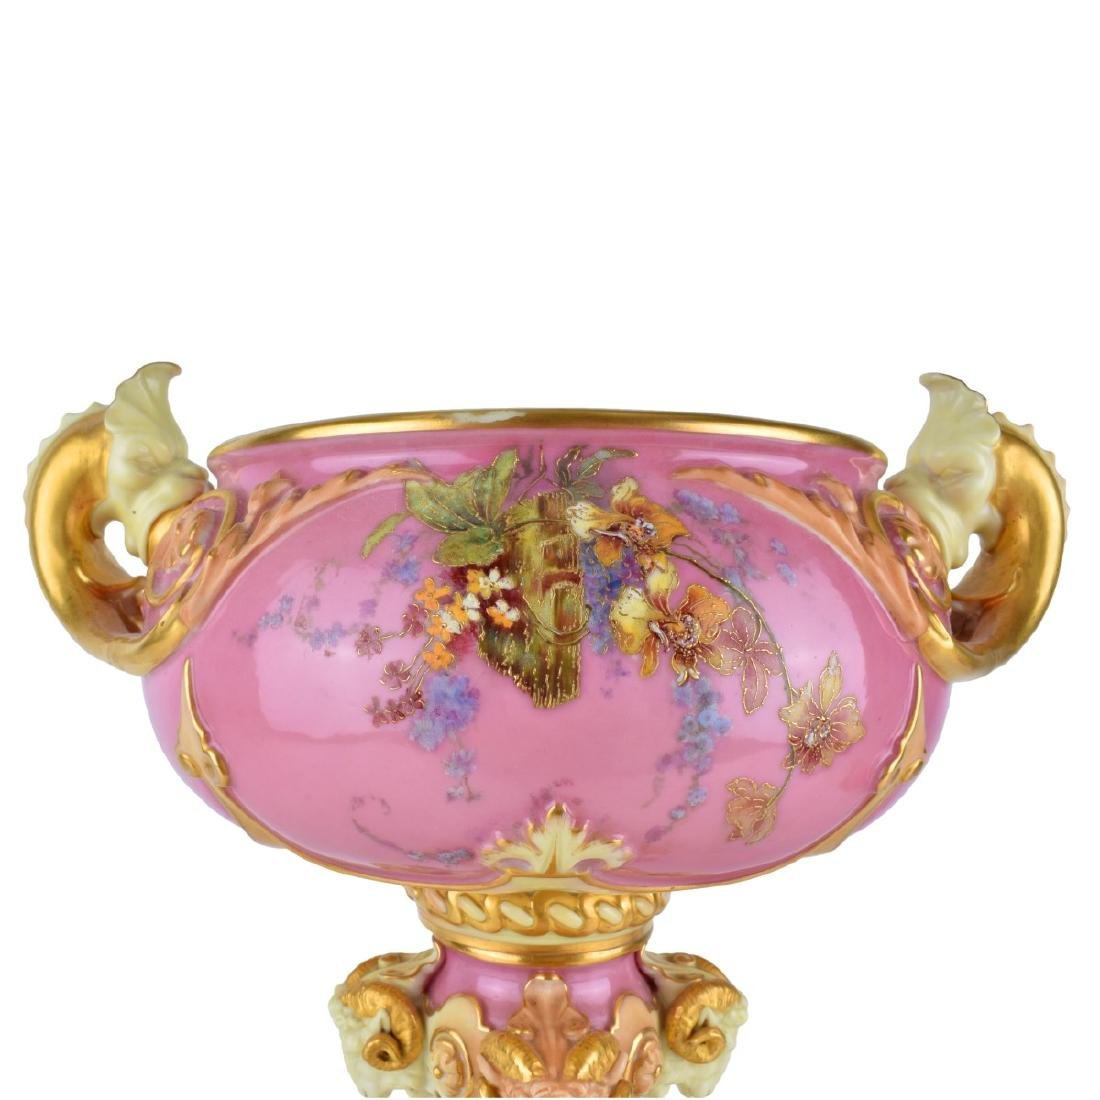 Large Royal Worcester Glazed Porcelain Centerpiece - 5